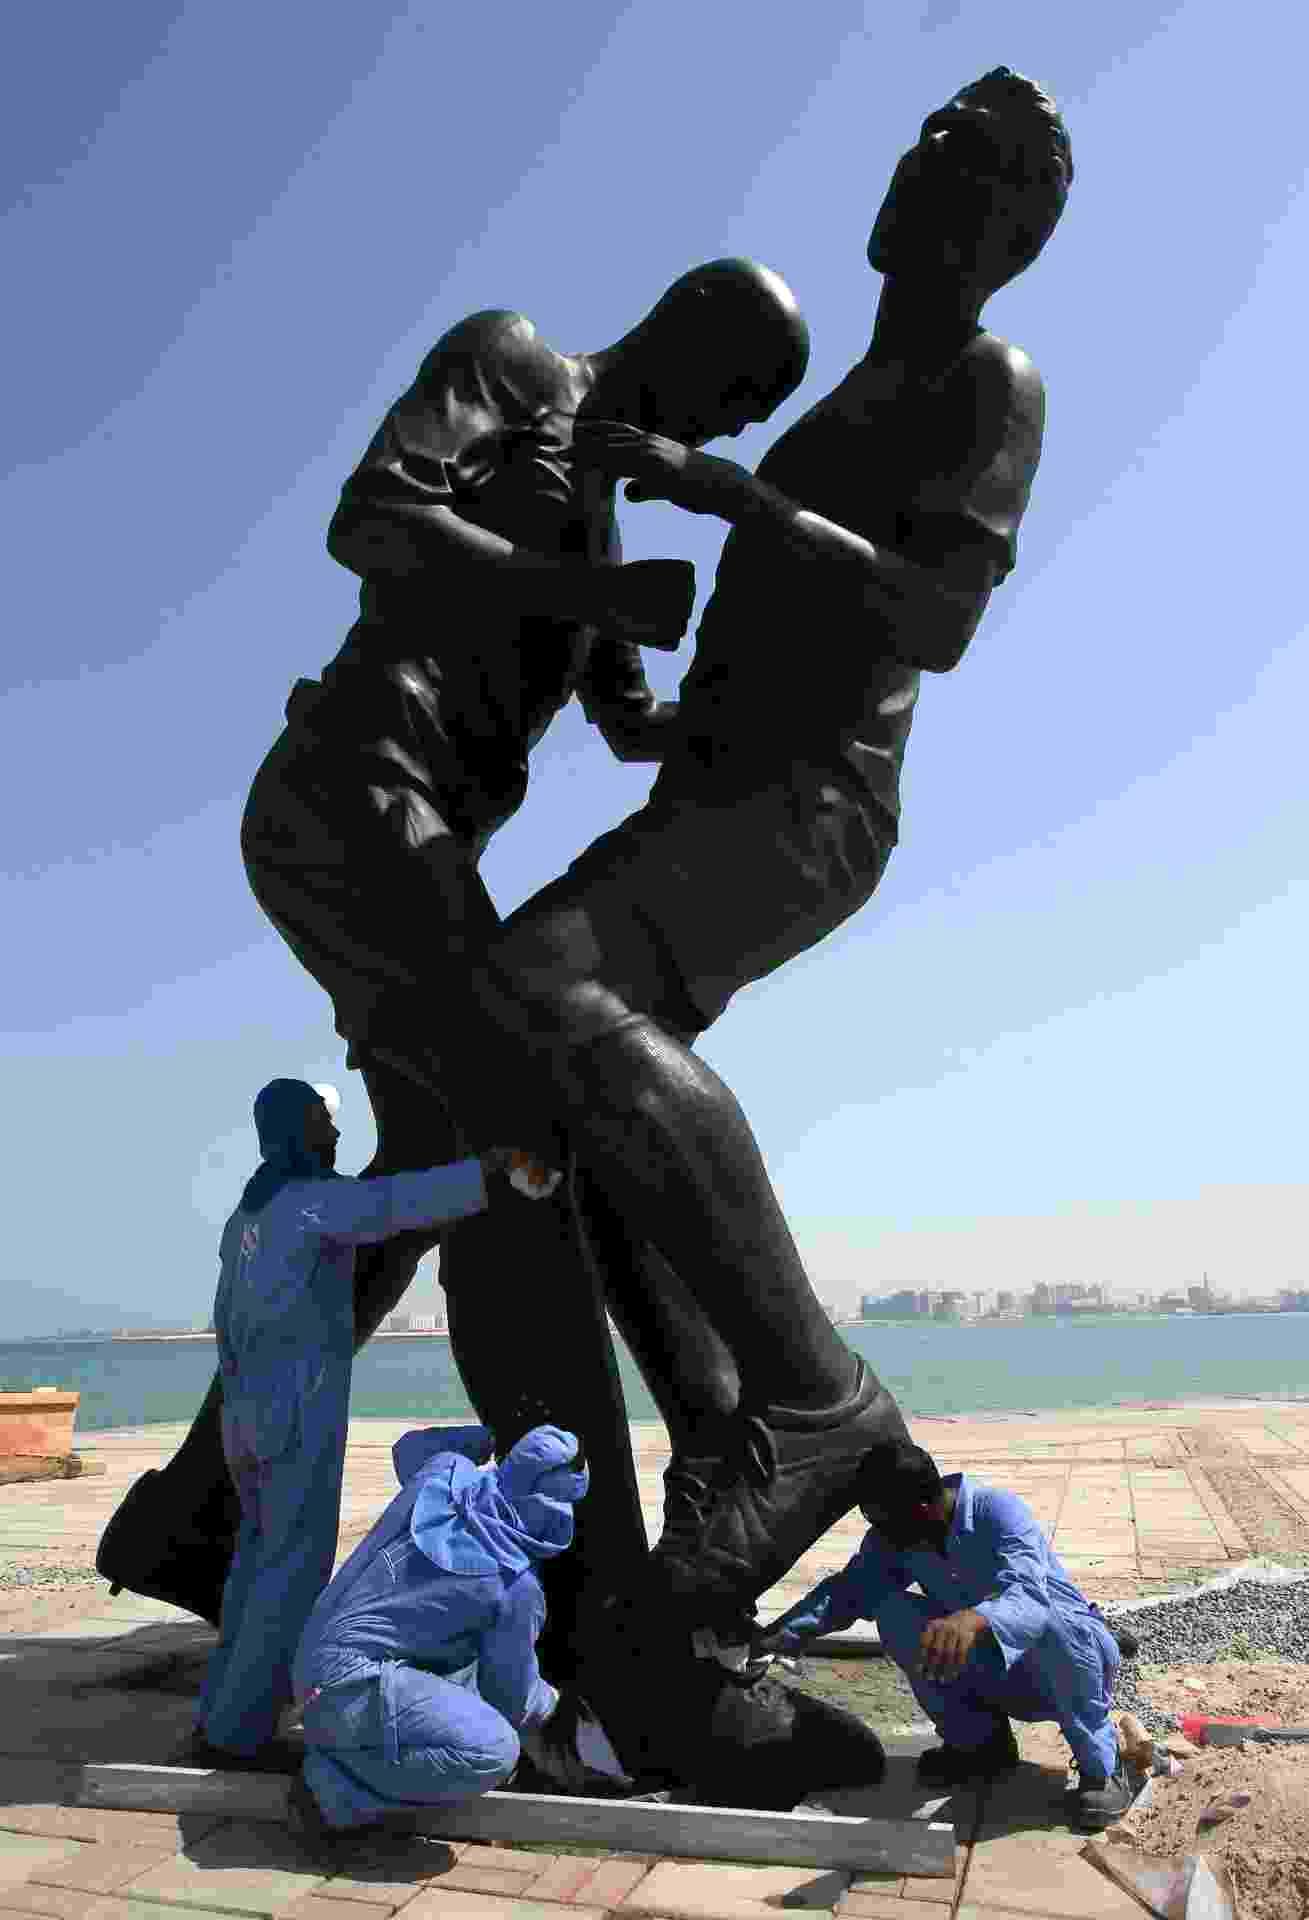 04.10.2013 - Trabalhadores instalam a estátua de Zidane cabeceando o peito de Materazzi em Doha, no Qatar - Karim Jaafar/Al-Watan Doha/AFP Photo